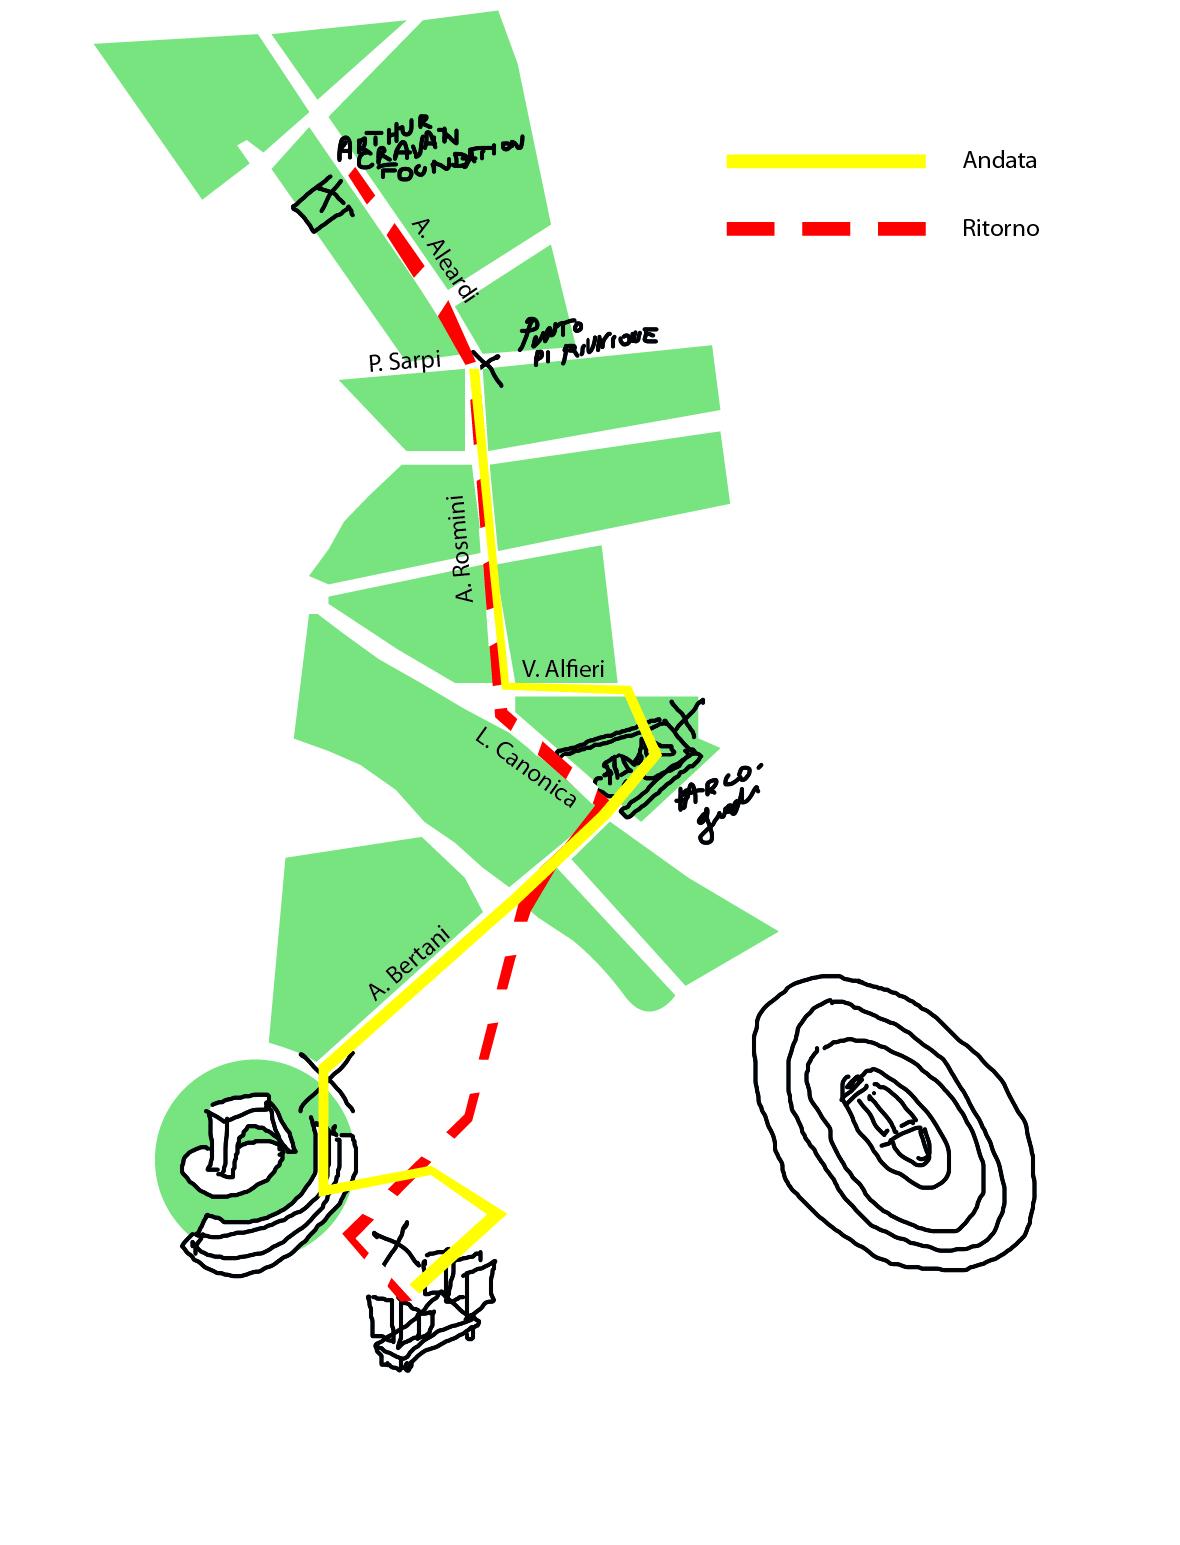 mappa lessublime archive_conferenza passeggiata